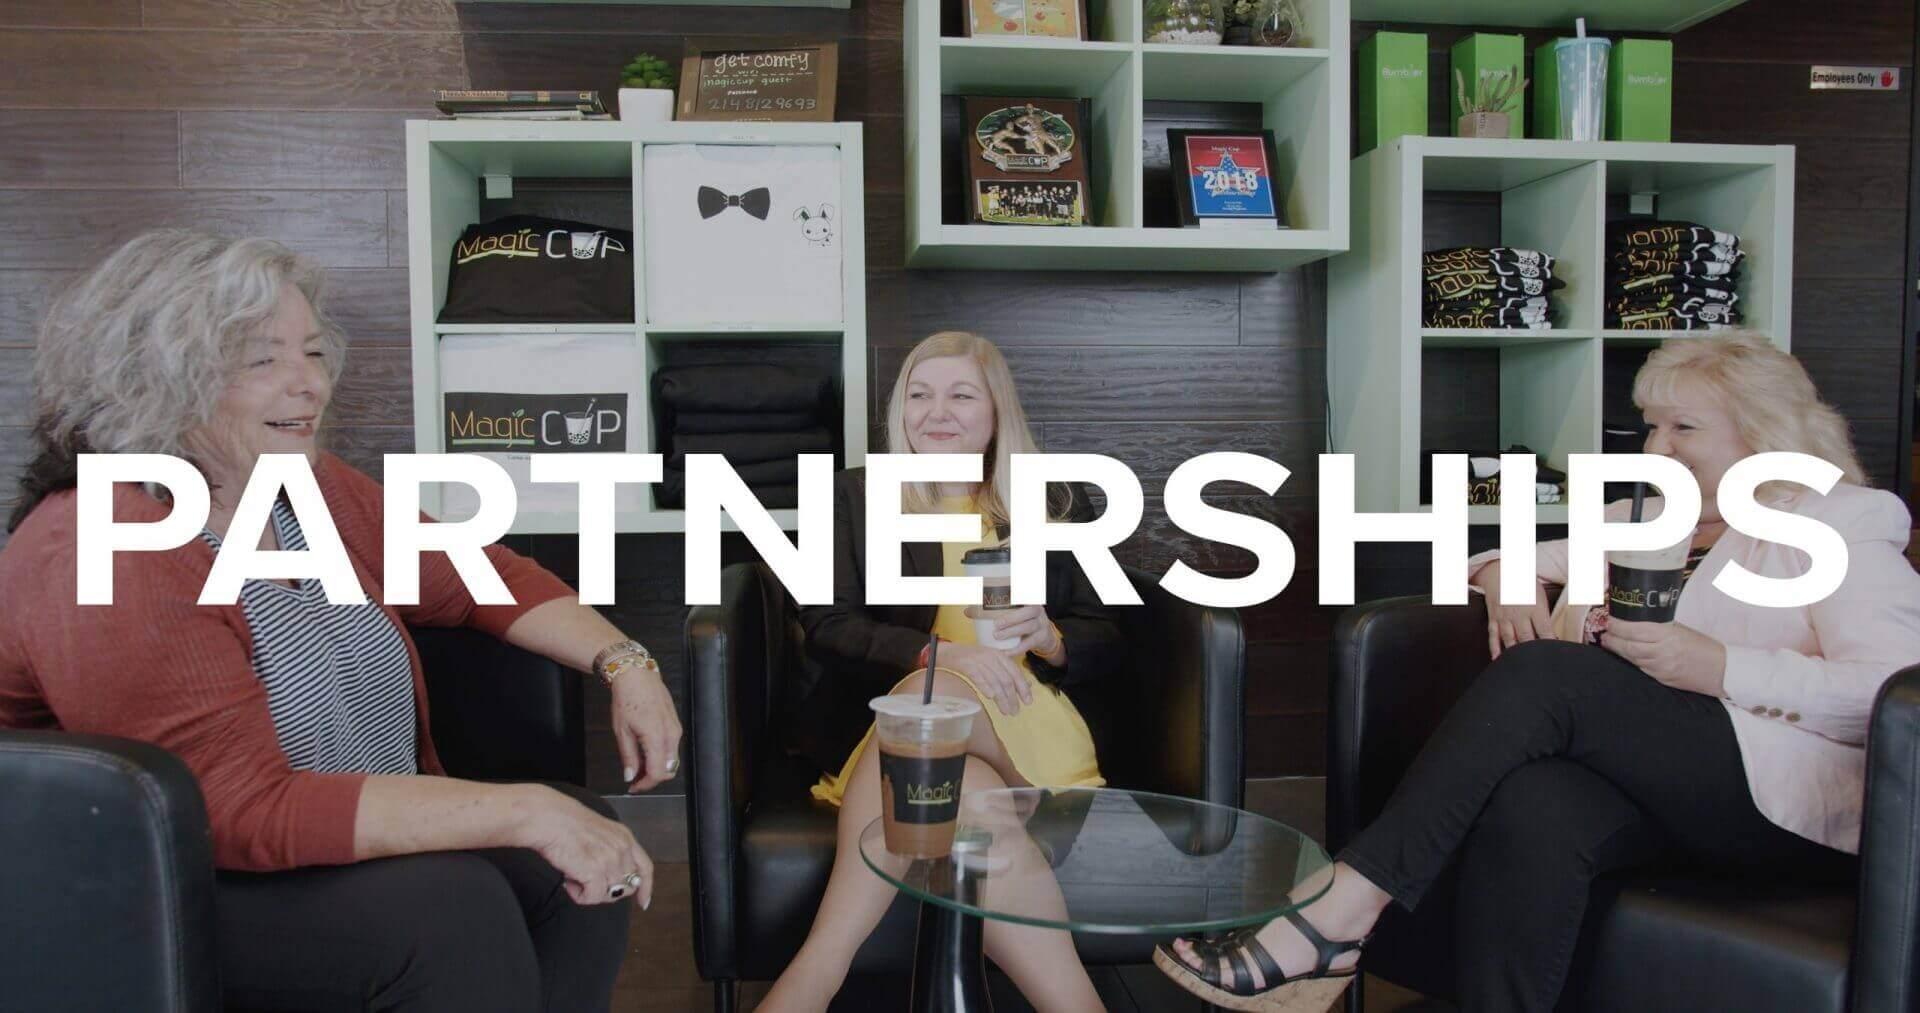 Partnerships Video Thumbnail